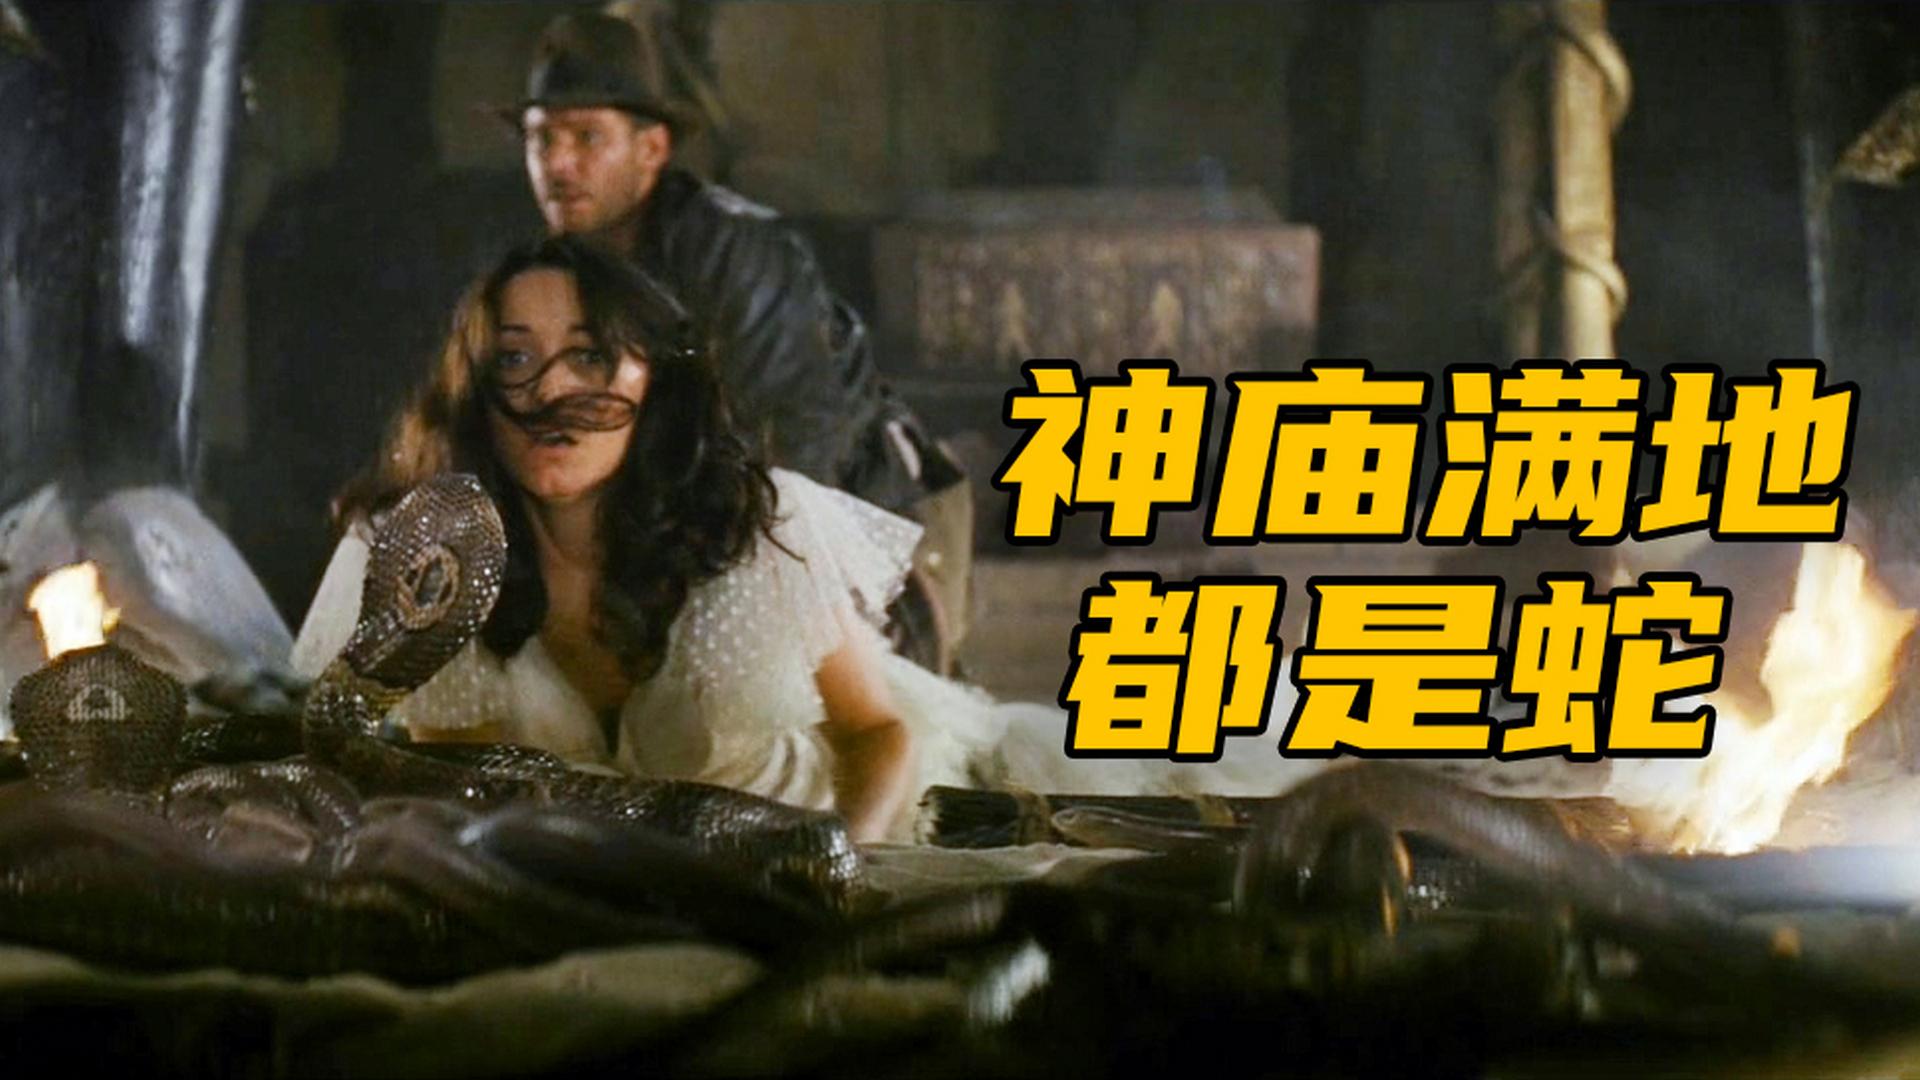 【阿斗】怕了!神庙满地都是蛇!影响几代美国人的经典电影!《夺宝奇兵》